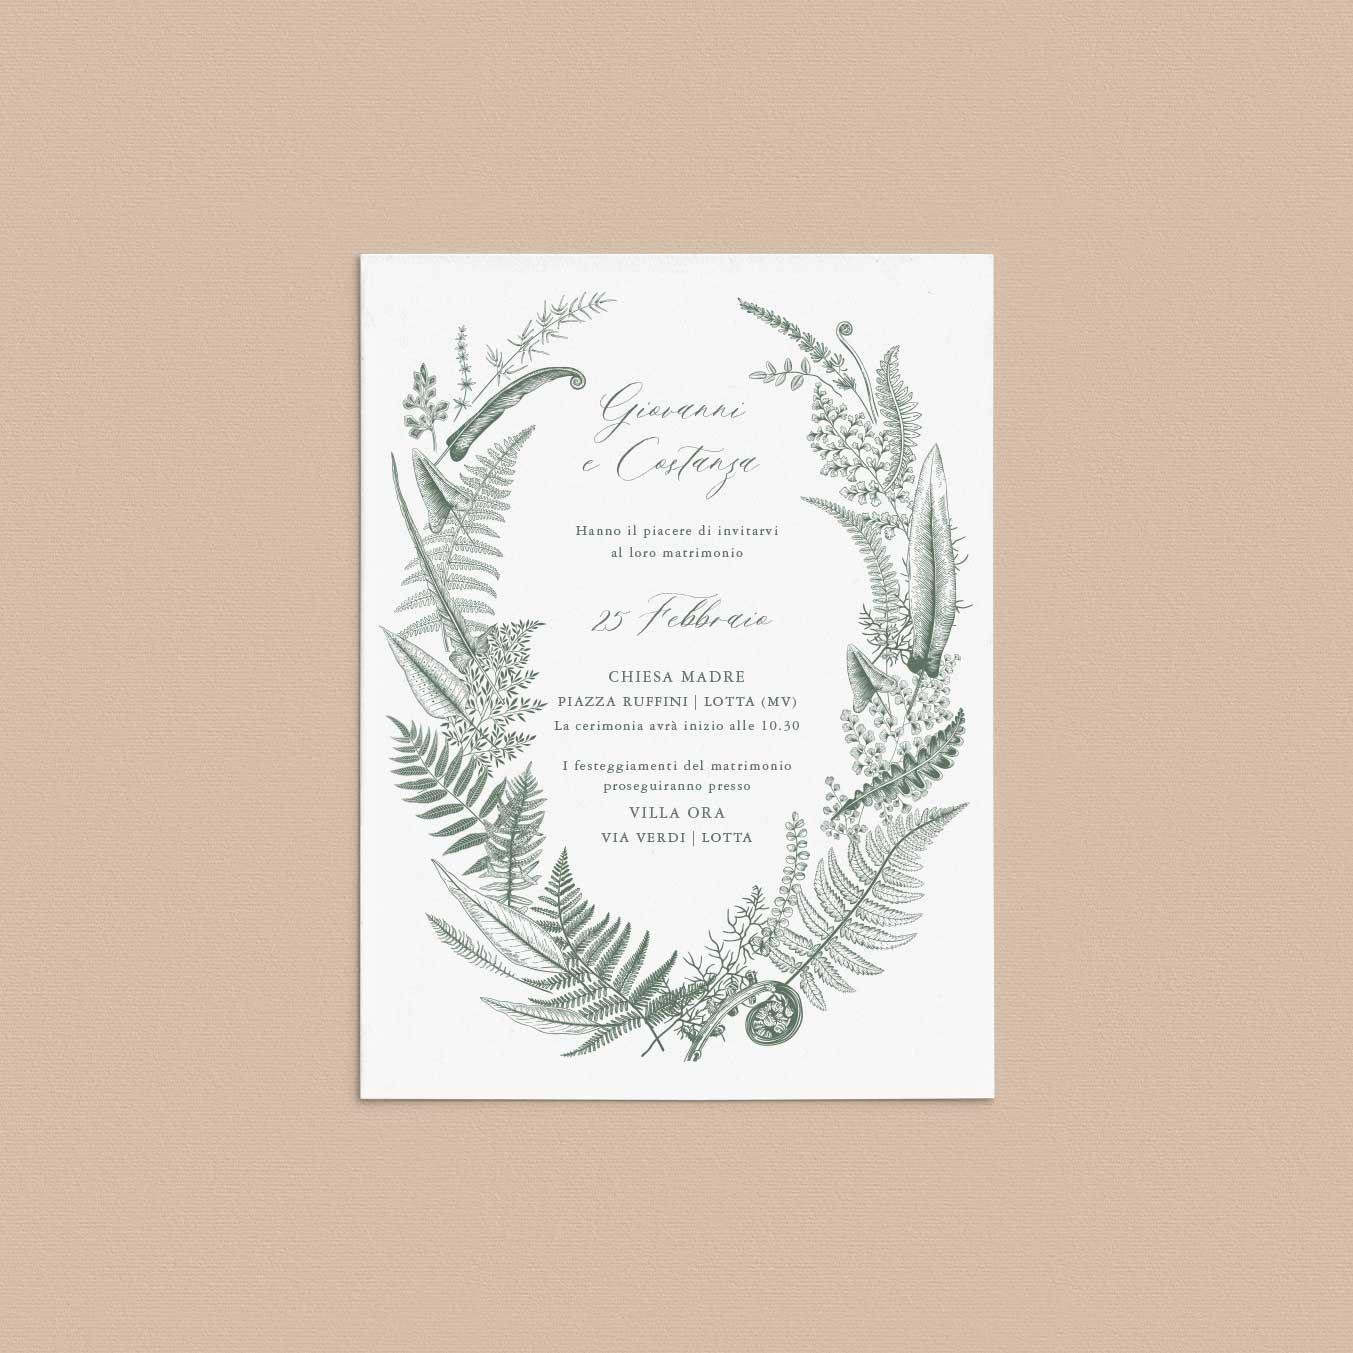 Partecipazioni-matrimonio-inviti-nozze-fiori-ghirlanda-ghirlande-fiore-tema-tema-natura-natura-chic-green-rustico-rustic-verde-country